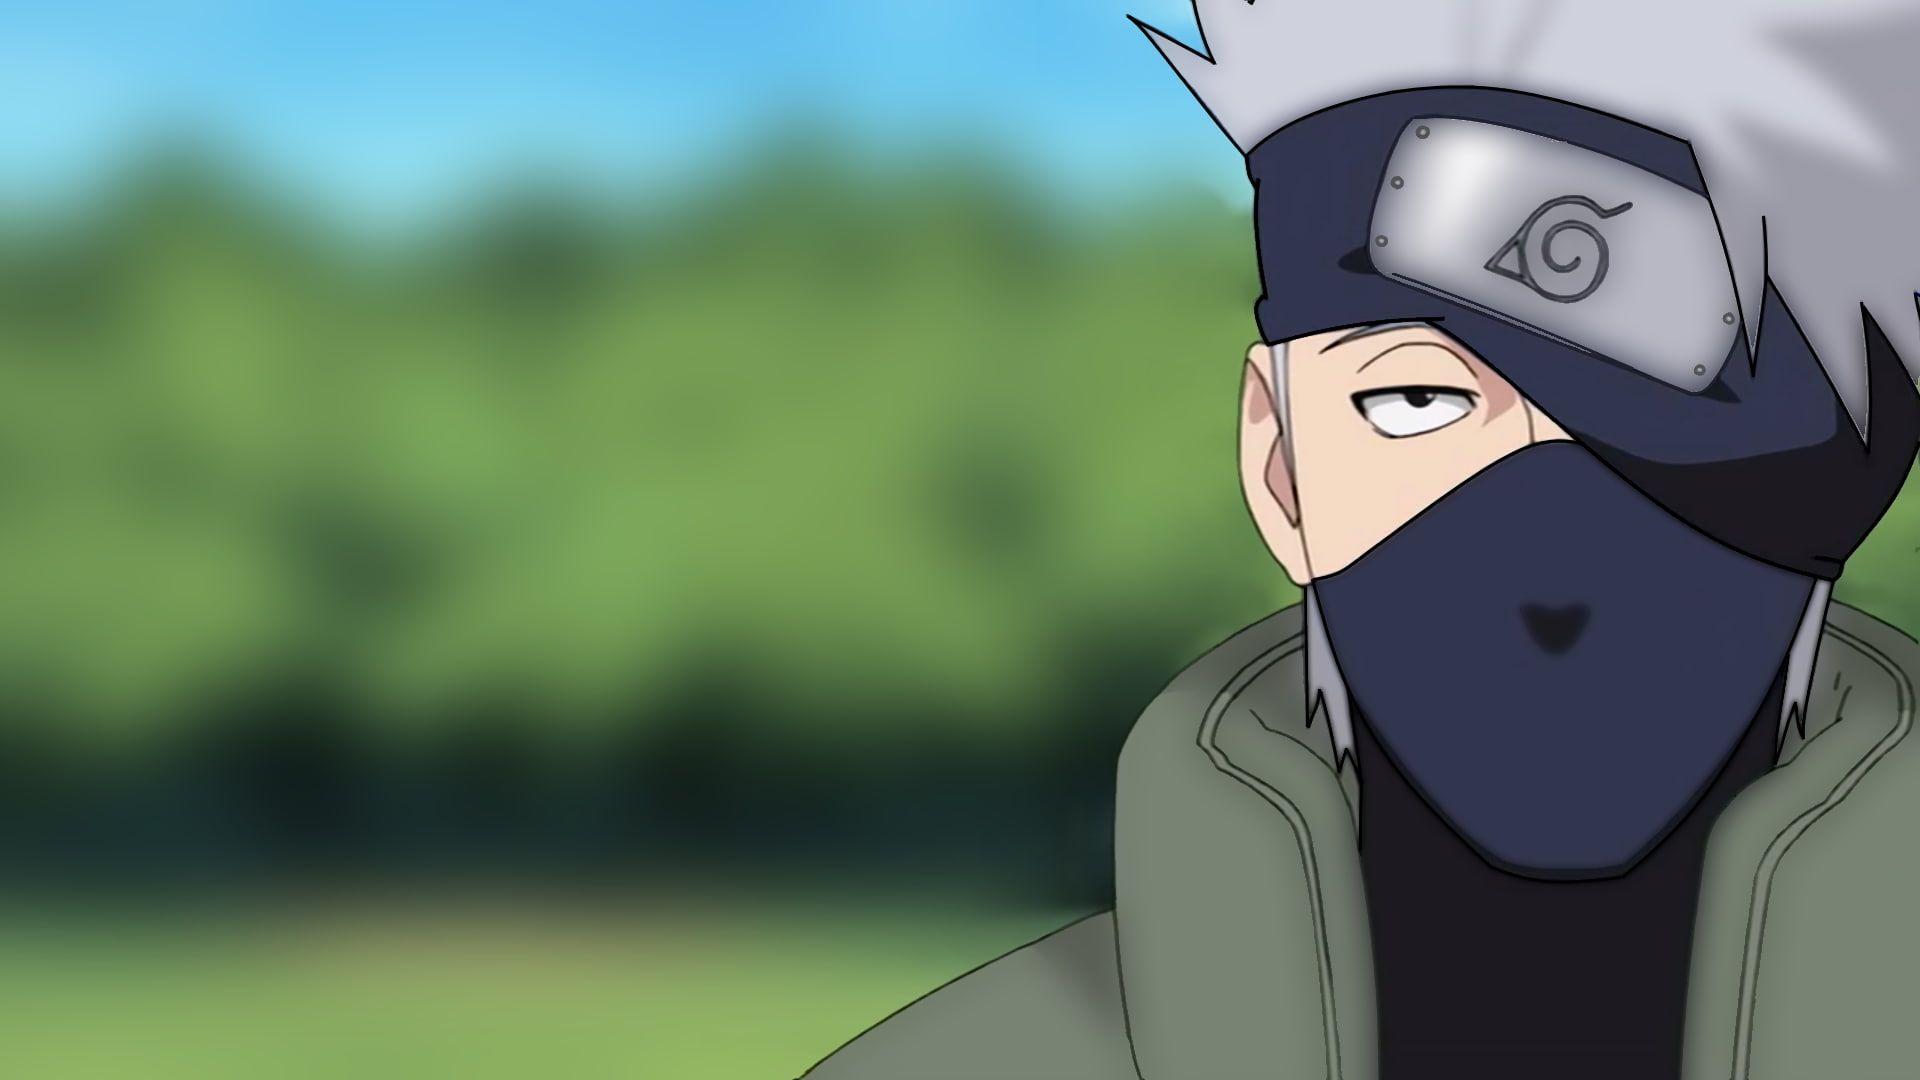 Hatake Kakashi Naruto Shippuuden 1080p Wallpaper Hdwallpaper Desktop Kakashi Naruto Naruto Wallpaper